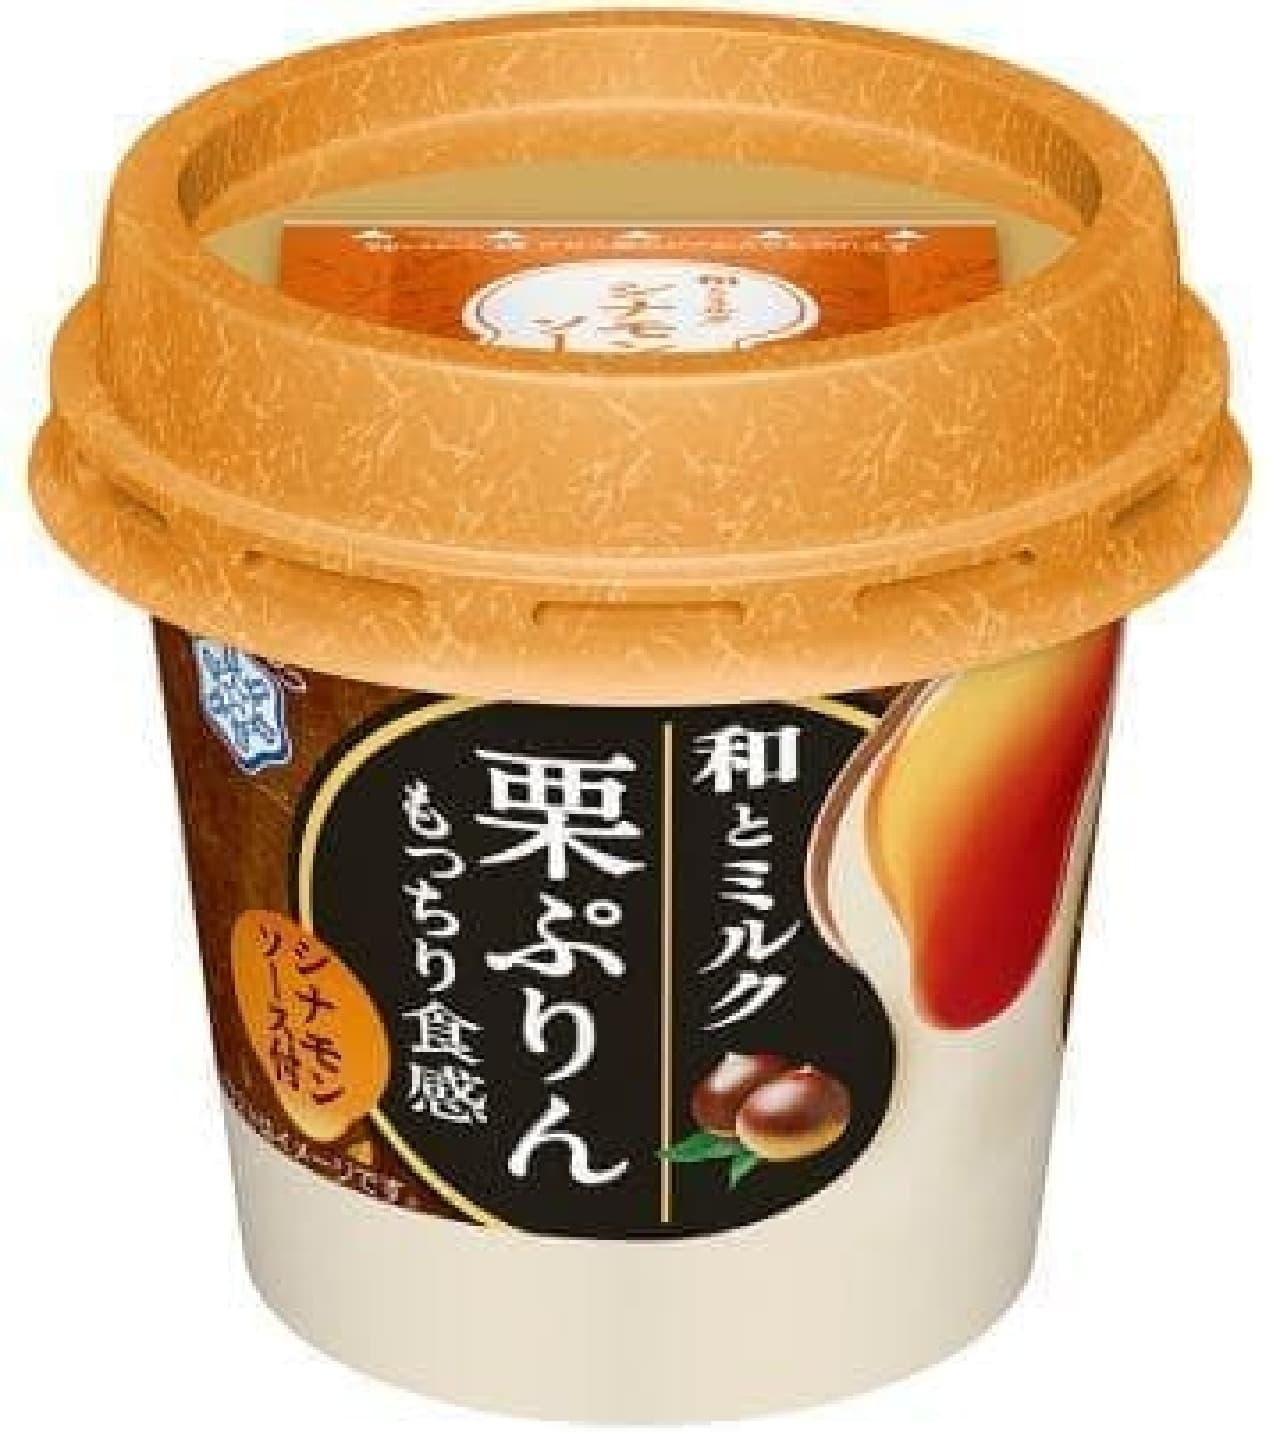 雪印メグミルク「和とミルク 栗ぷりん」